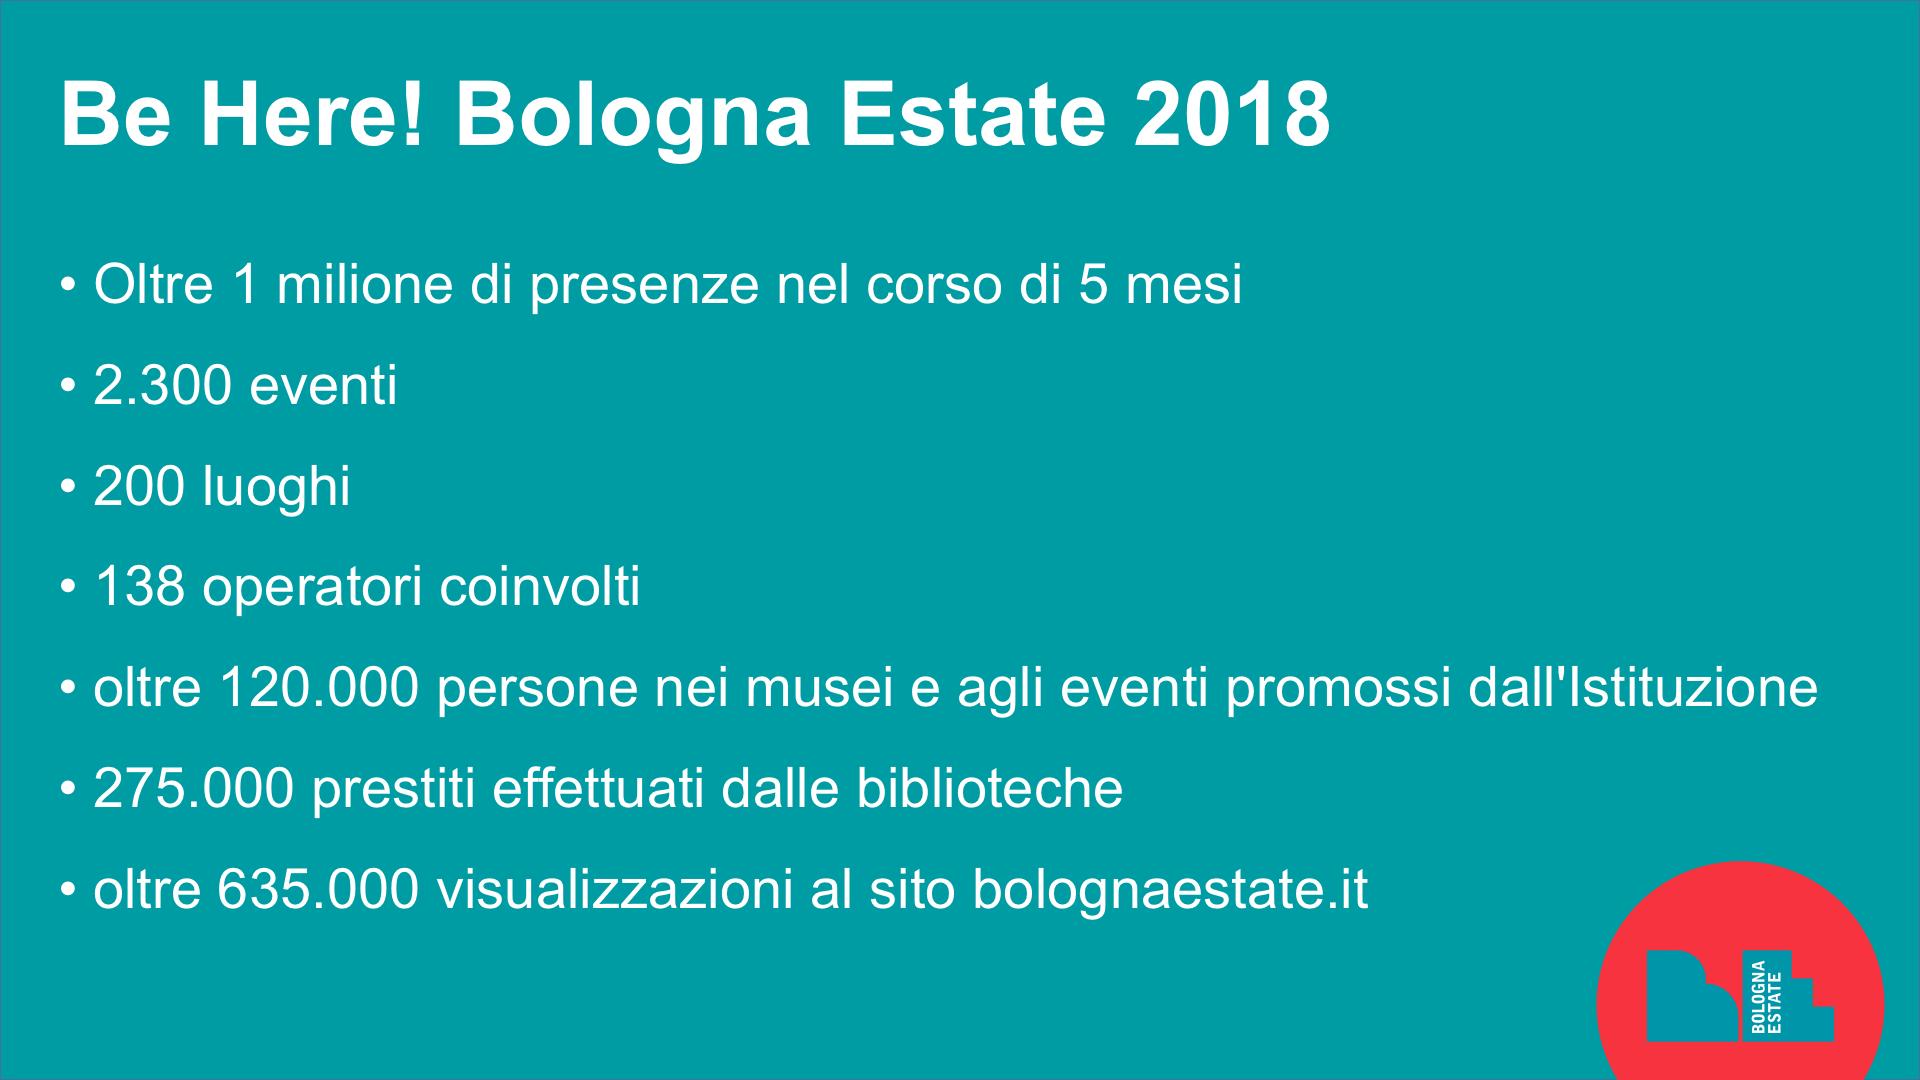 Bologna Estate 2018 Oltre 1 Milione Di Presenze Matteo Lepore